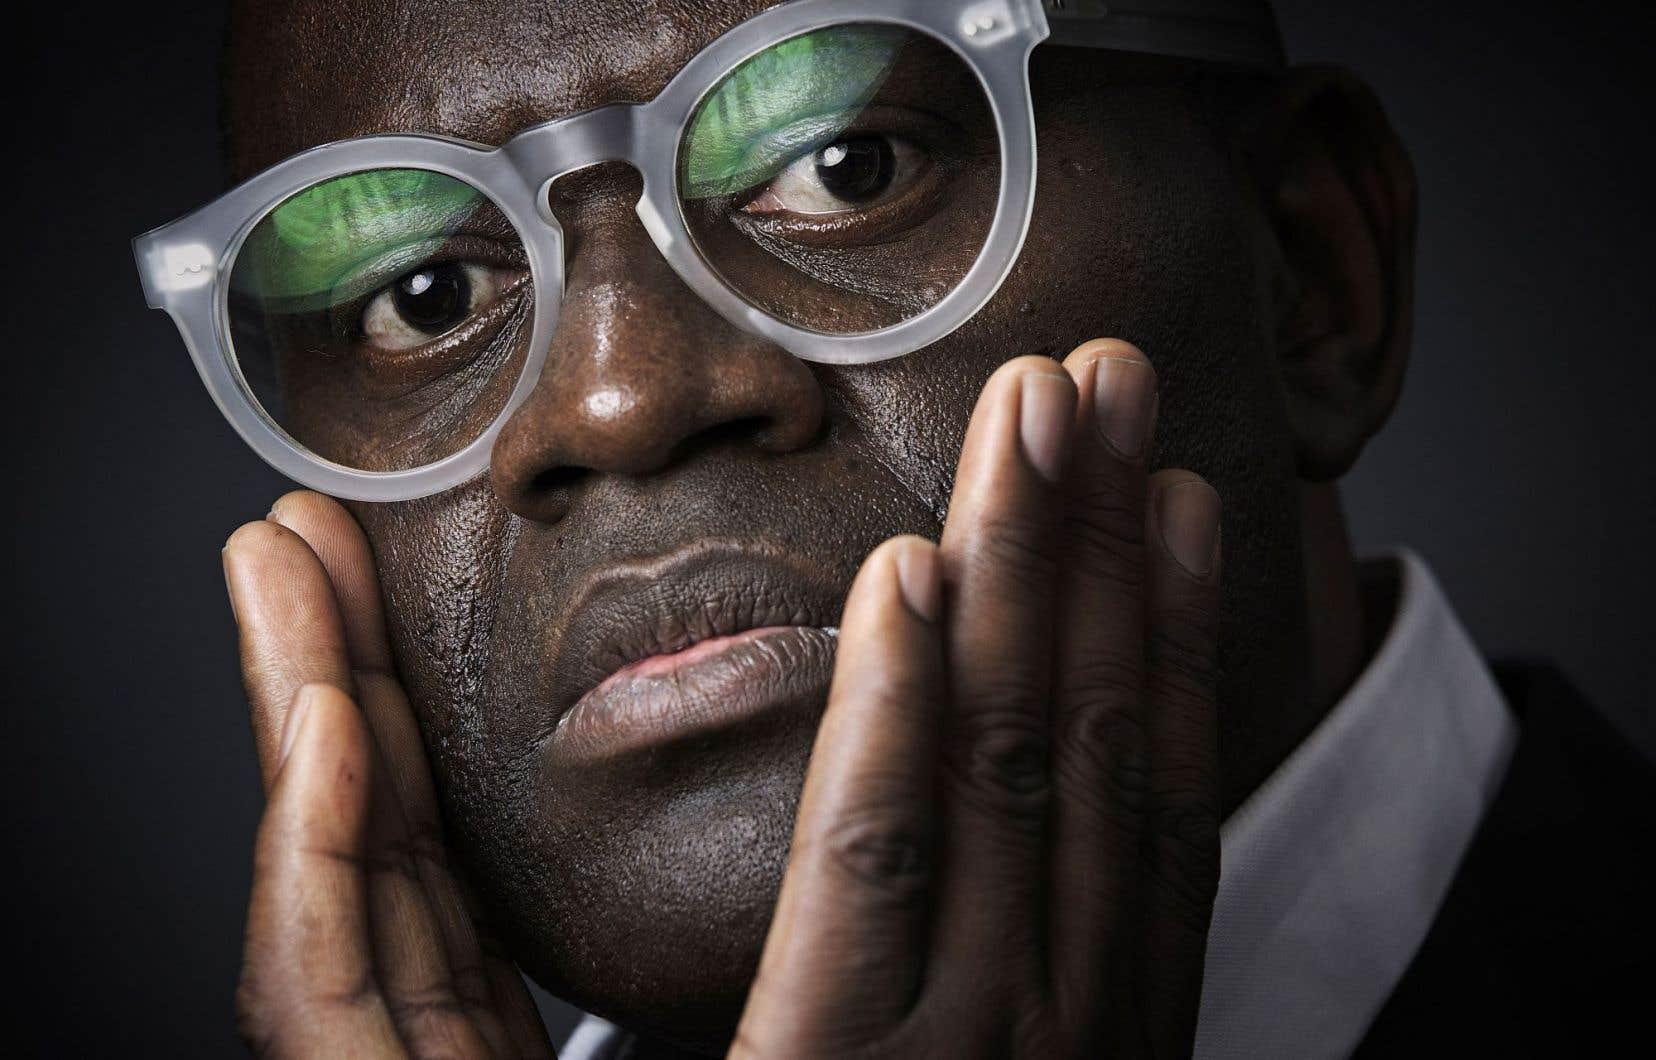 «Un écrivain libre est celui qui refuse une carte d'identité ou celui qui les accumule dans la mesure où elles nourrissent son univers», écrit Mabanckou dans son «autobiographie capricieuse».